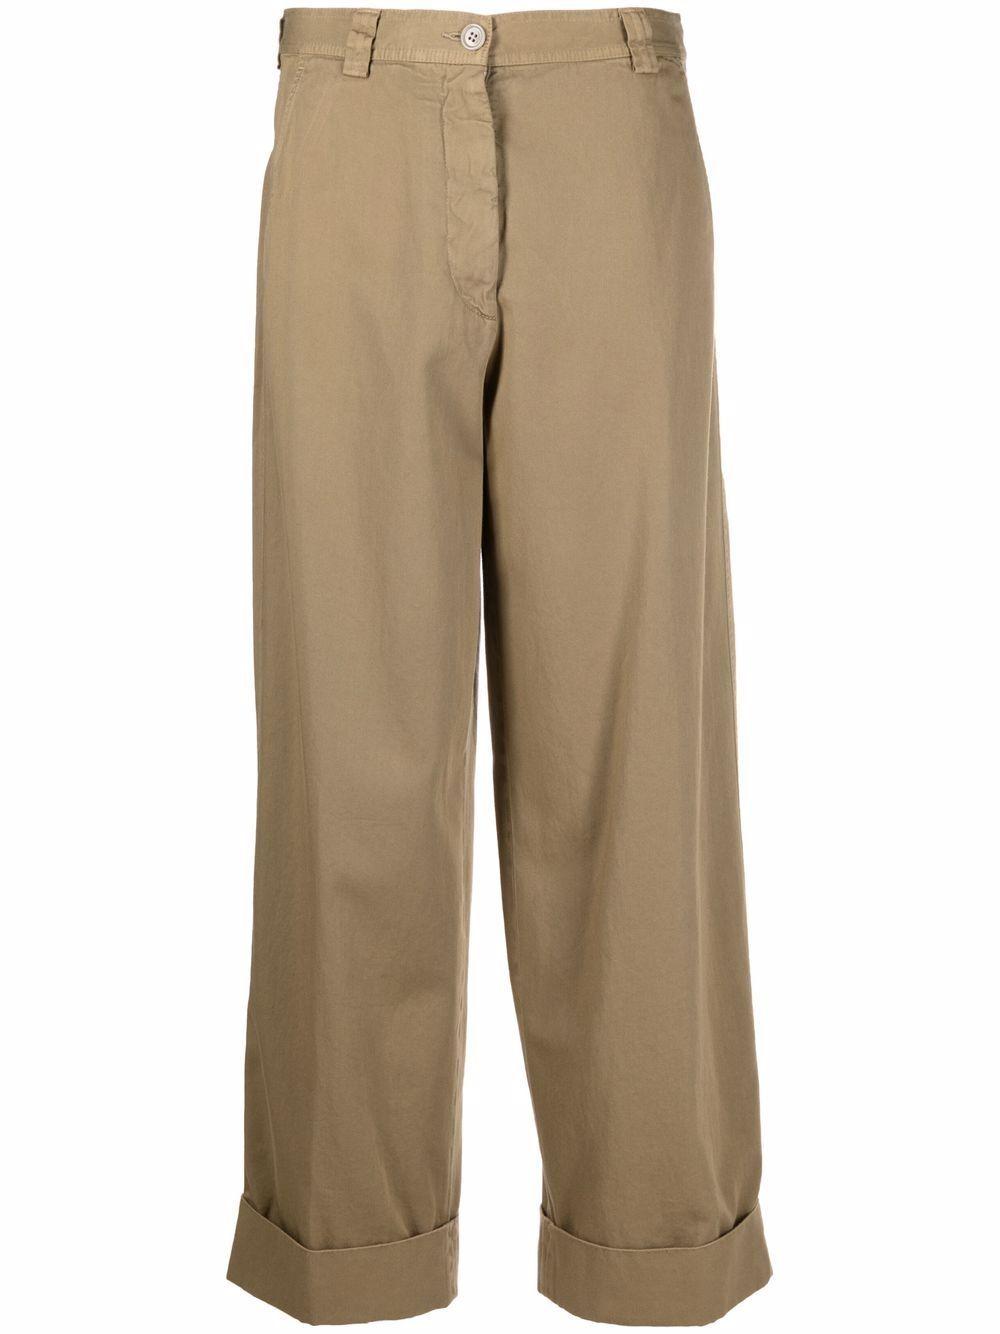 Pantalone pakora bis in cotone